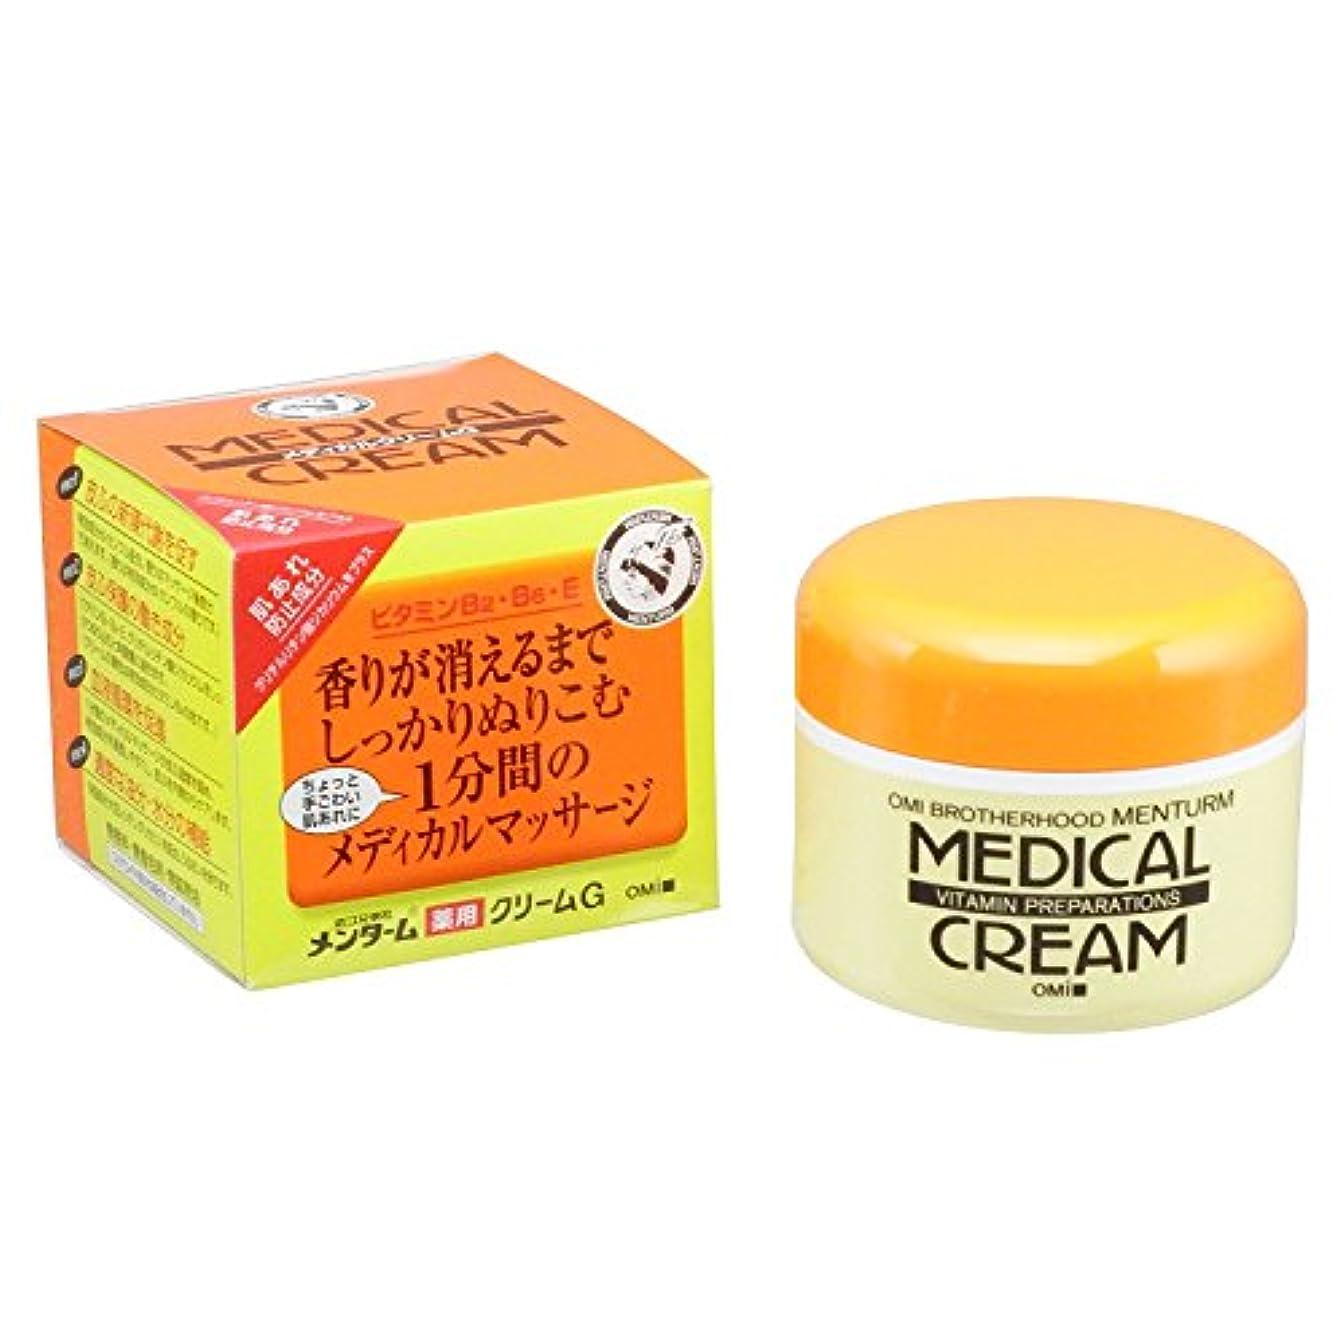 メンターム薬用メディカルクリームG145g